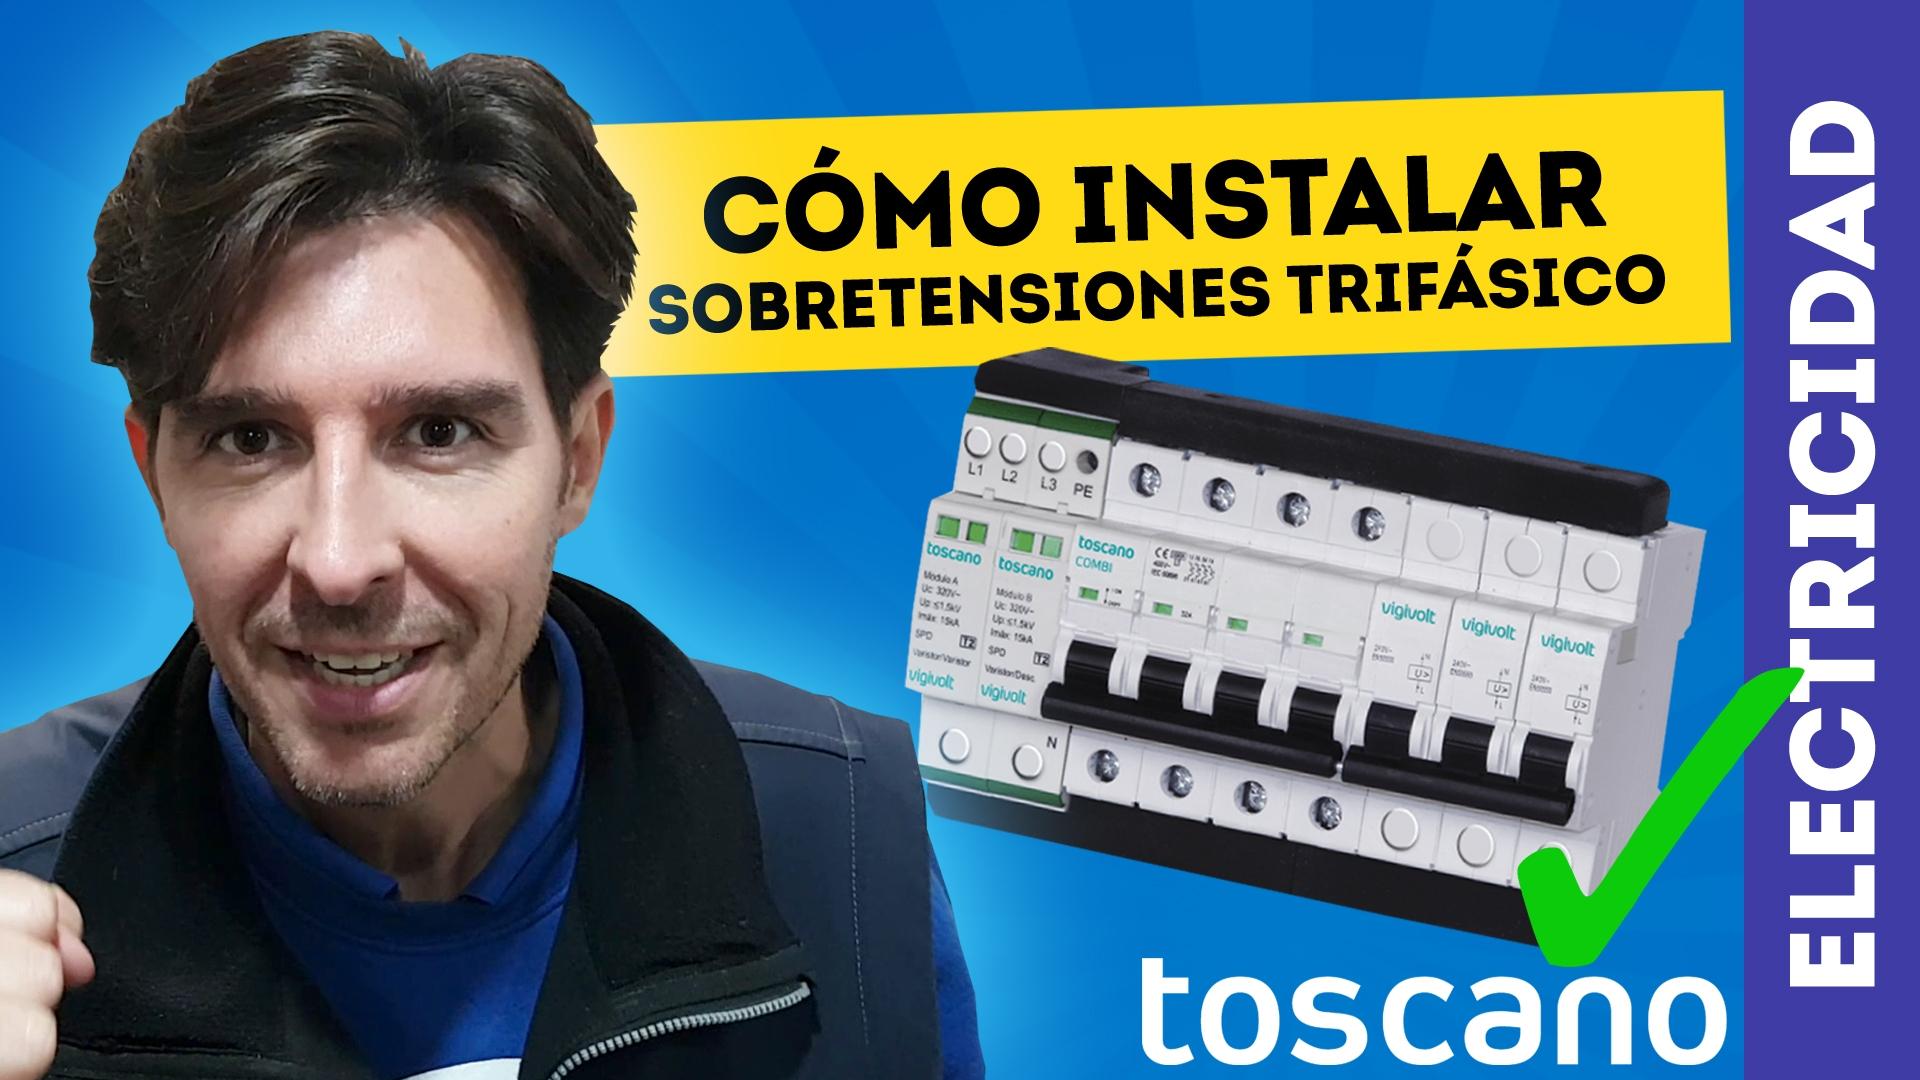 como-instalar-sobretensiones-permanentes-transitorias-trifasico-toscano-vigivolt-electricidad